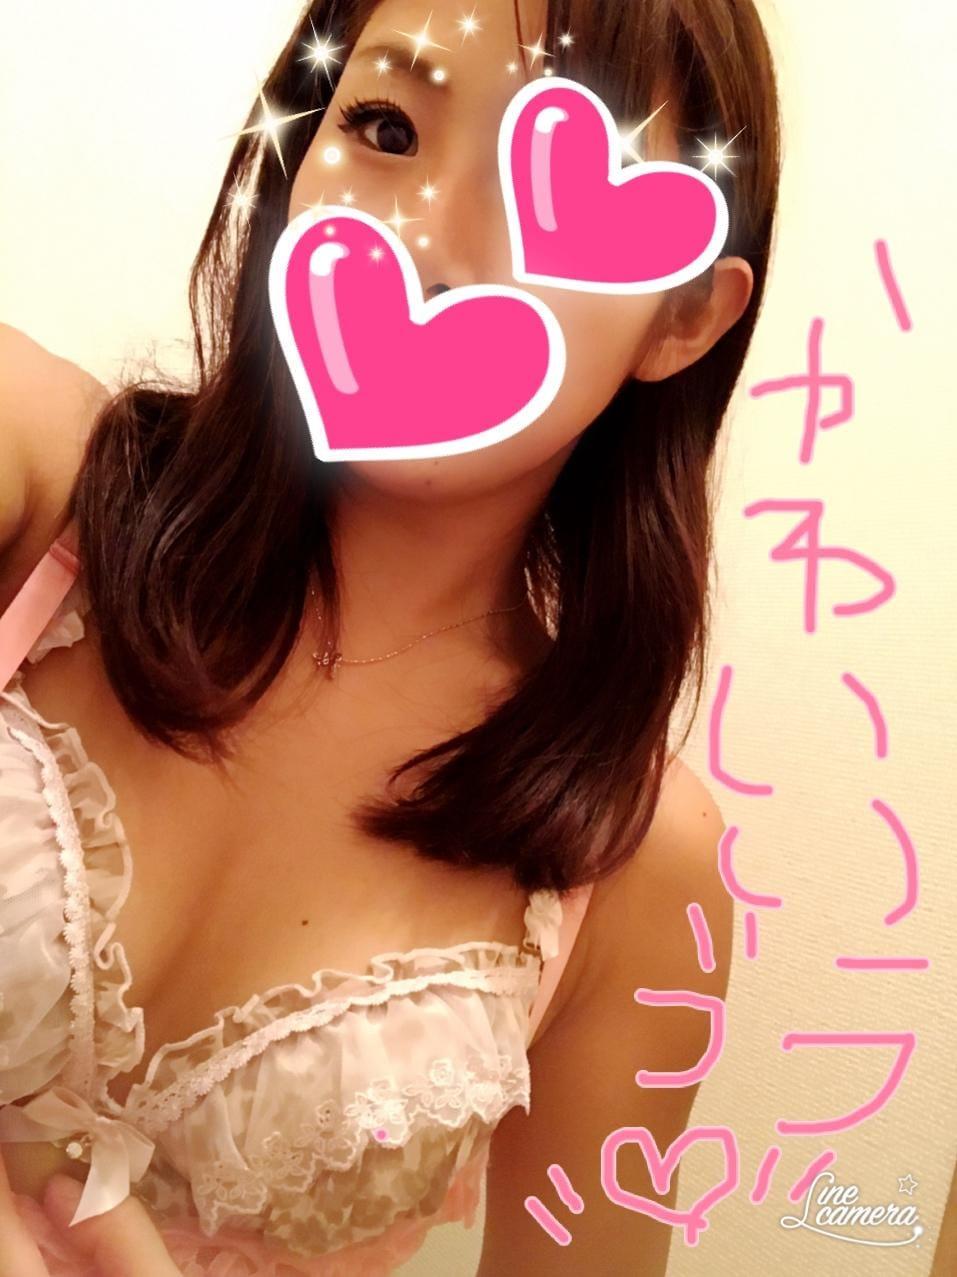 「この間はKnちゃんありがとう♡」10/06(土) 17:27 | 中条れいかの写メ・風俗動画